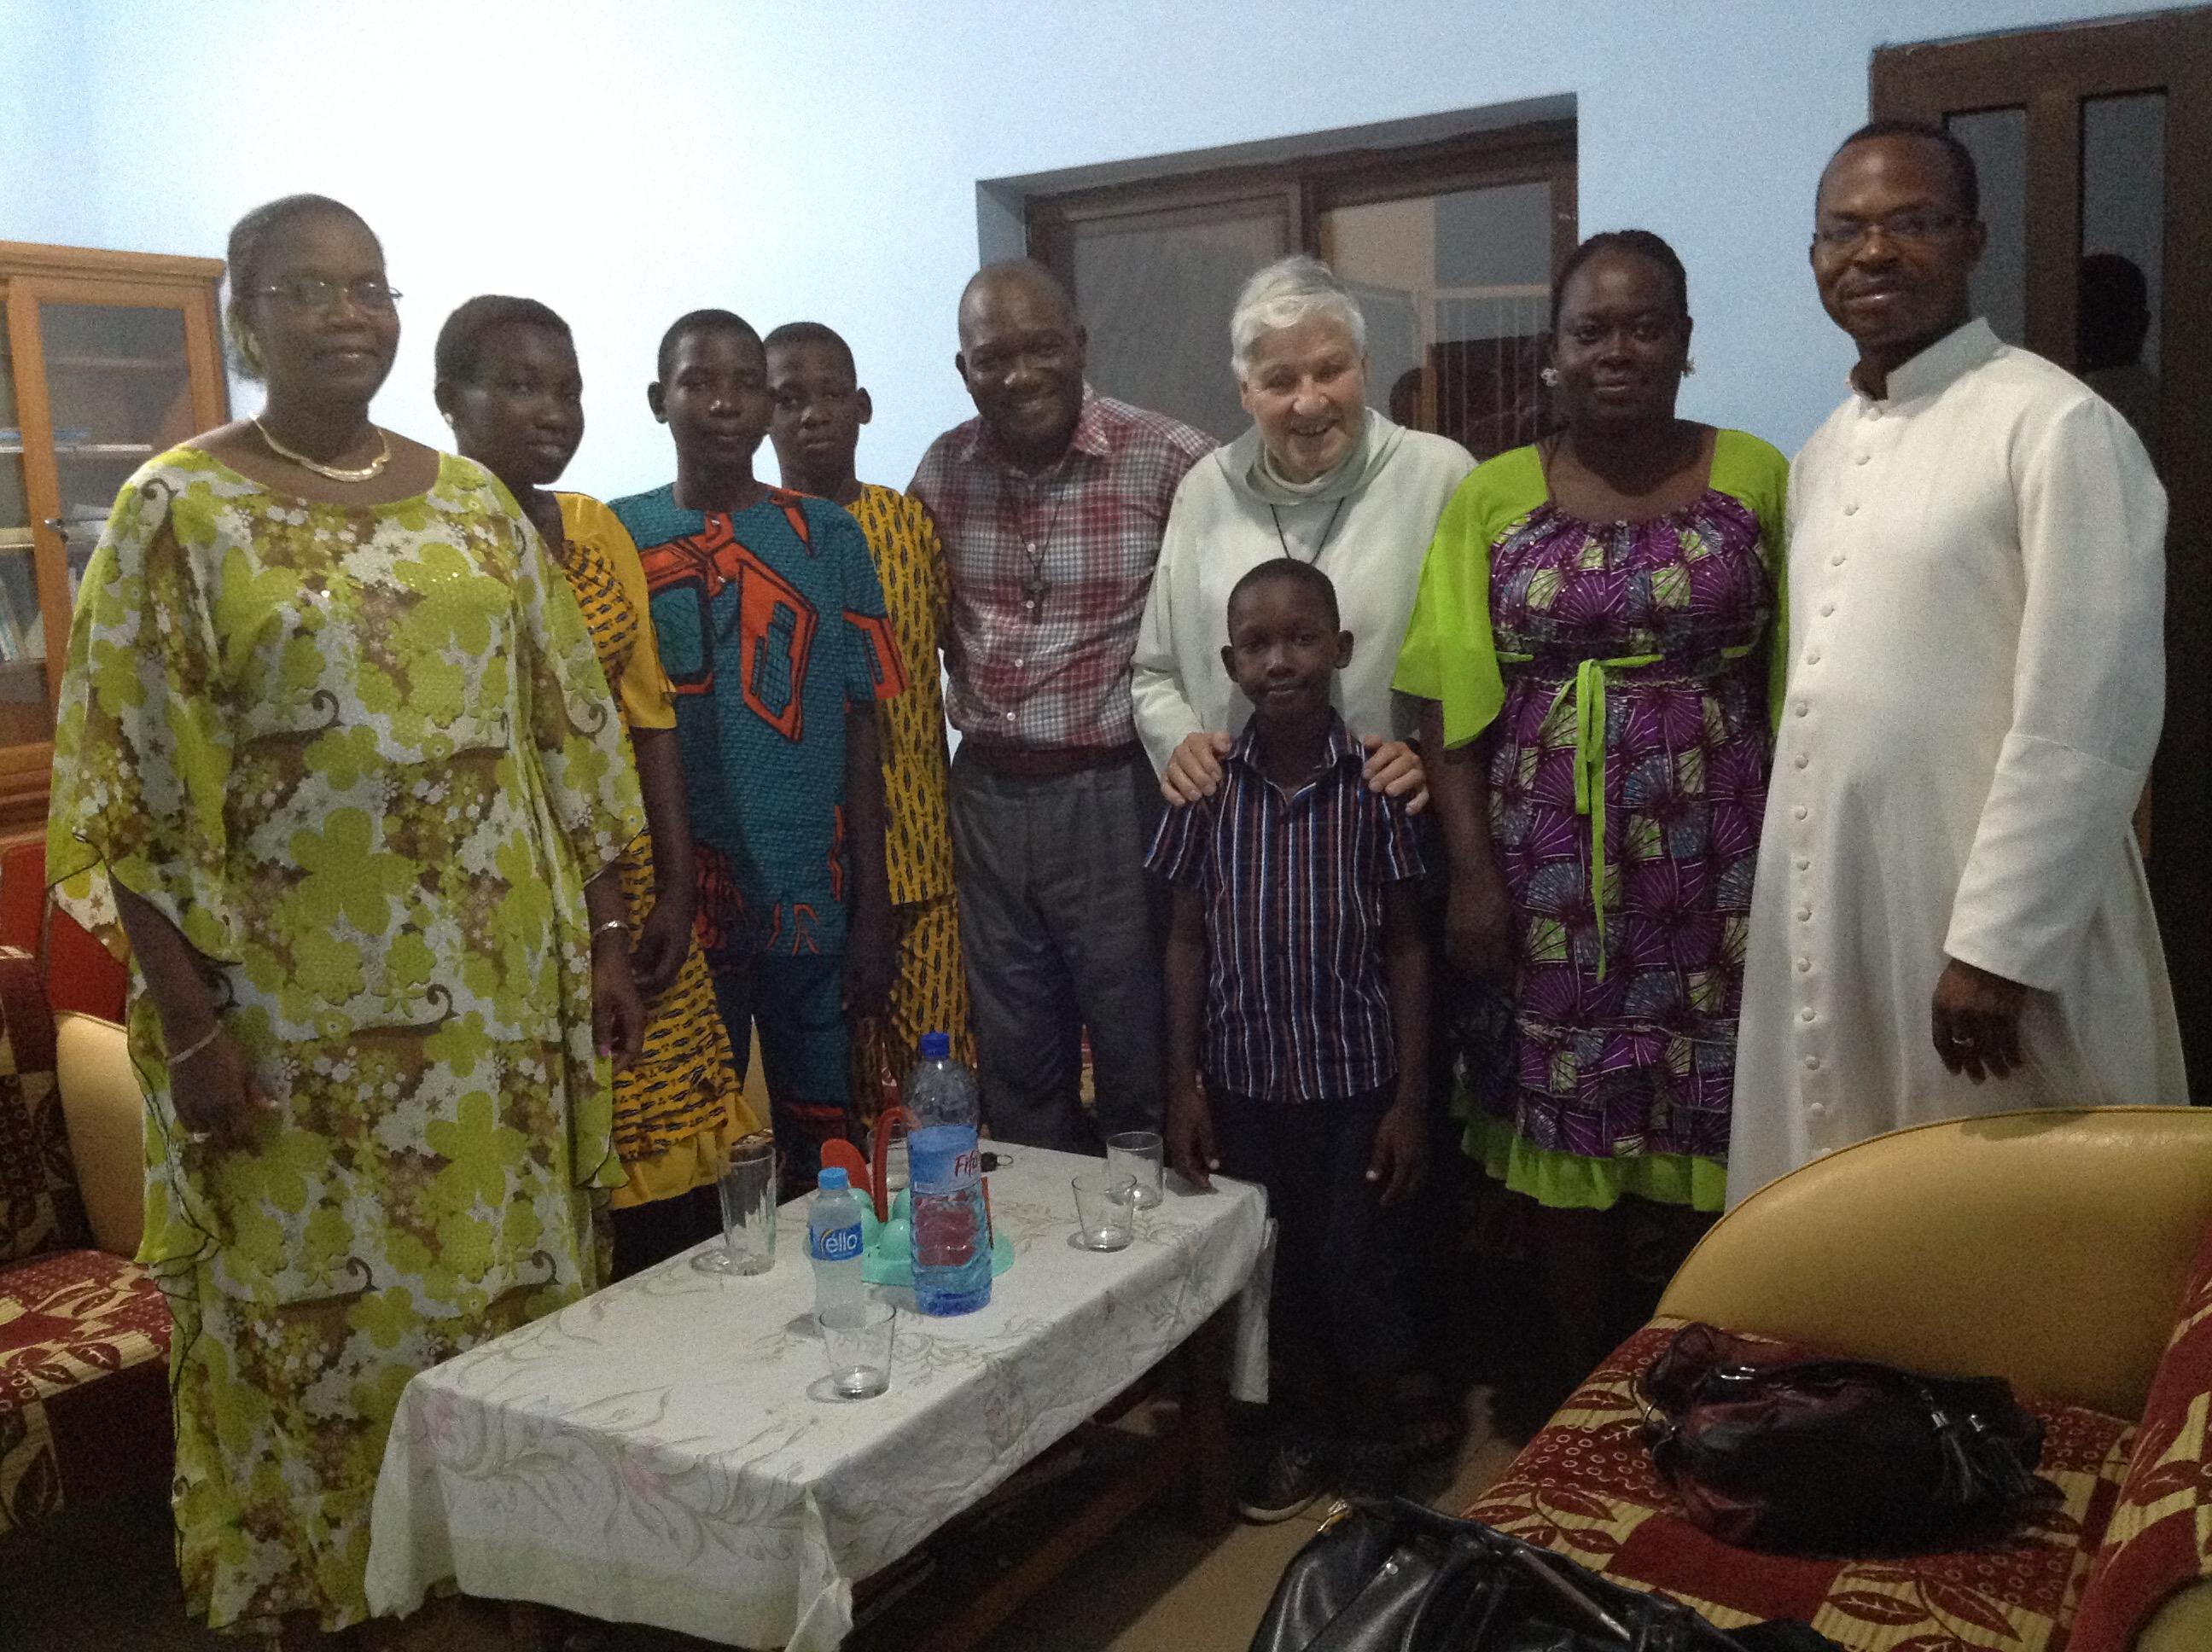 Benín: Un centro de evangelización para jóvenes